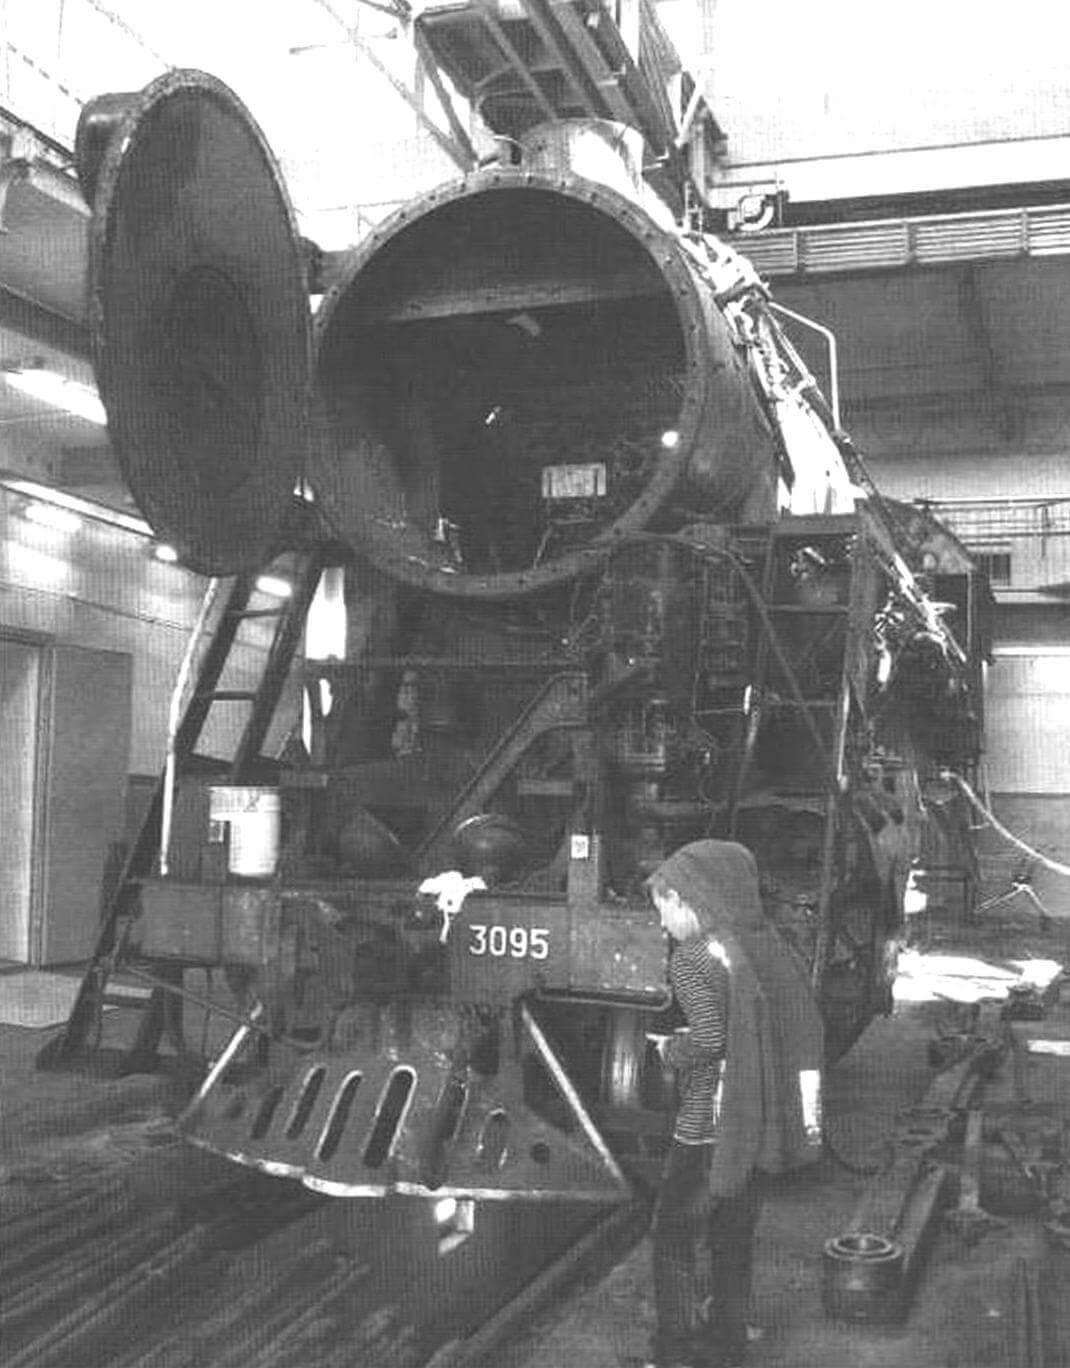 Действующее депо Подмосковная, где ремонтируют паровозы